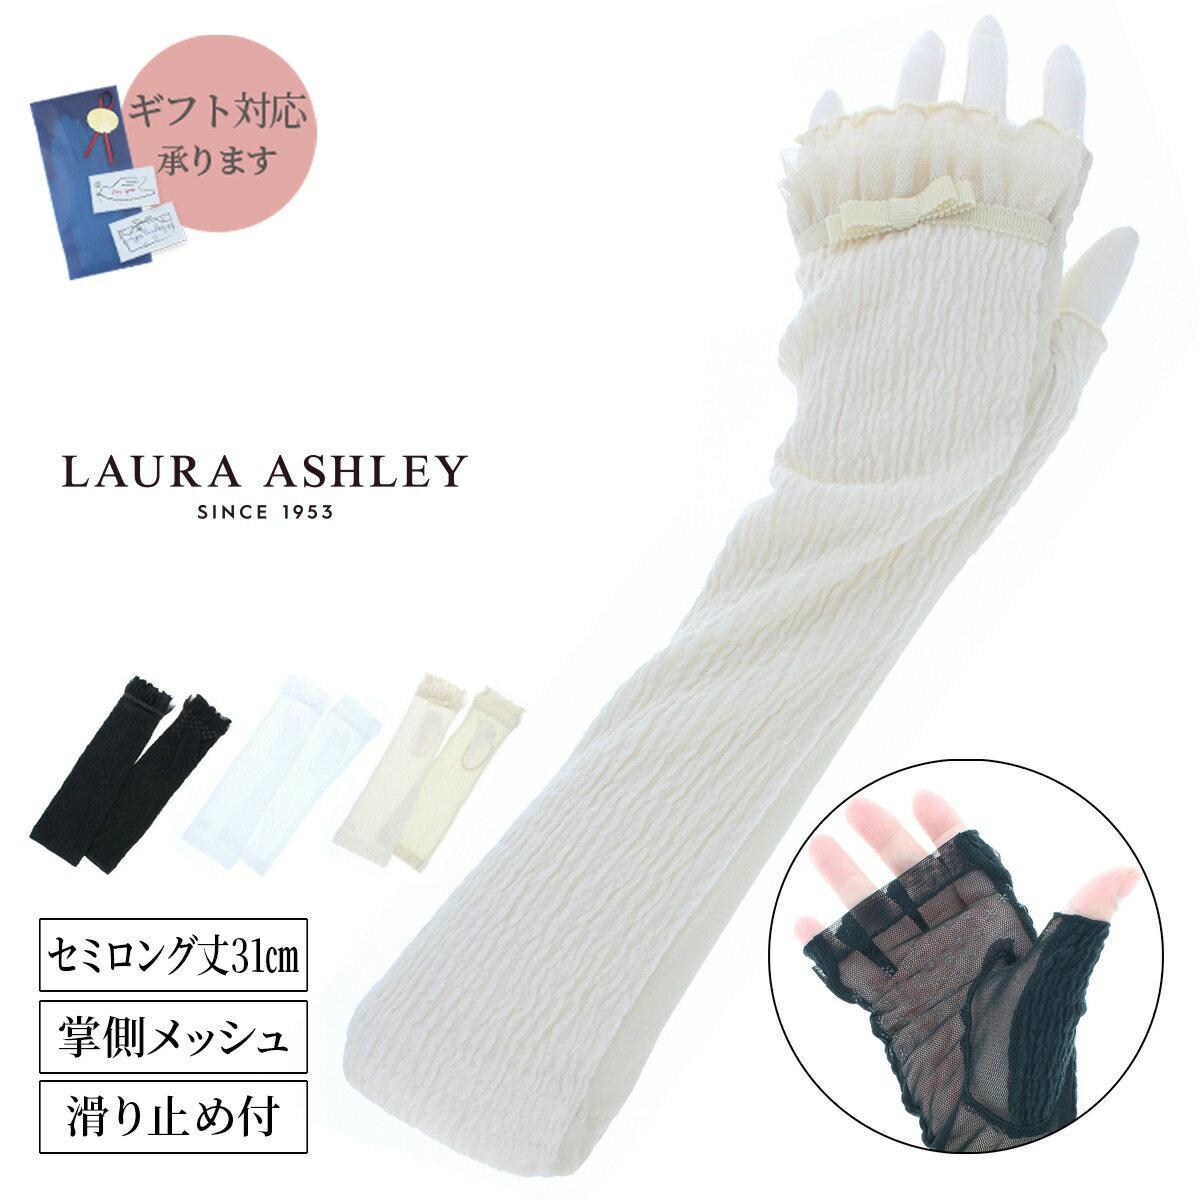 ローラ アシュレイ 指なし UVカット UV手袋   てぶくろ ギフト プレゼント 31cm 短め ロング丈 掌側 メッシュ おしゃれ 通勤 通学